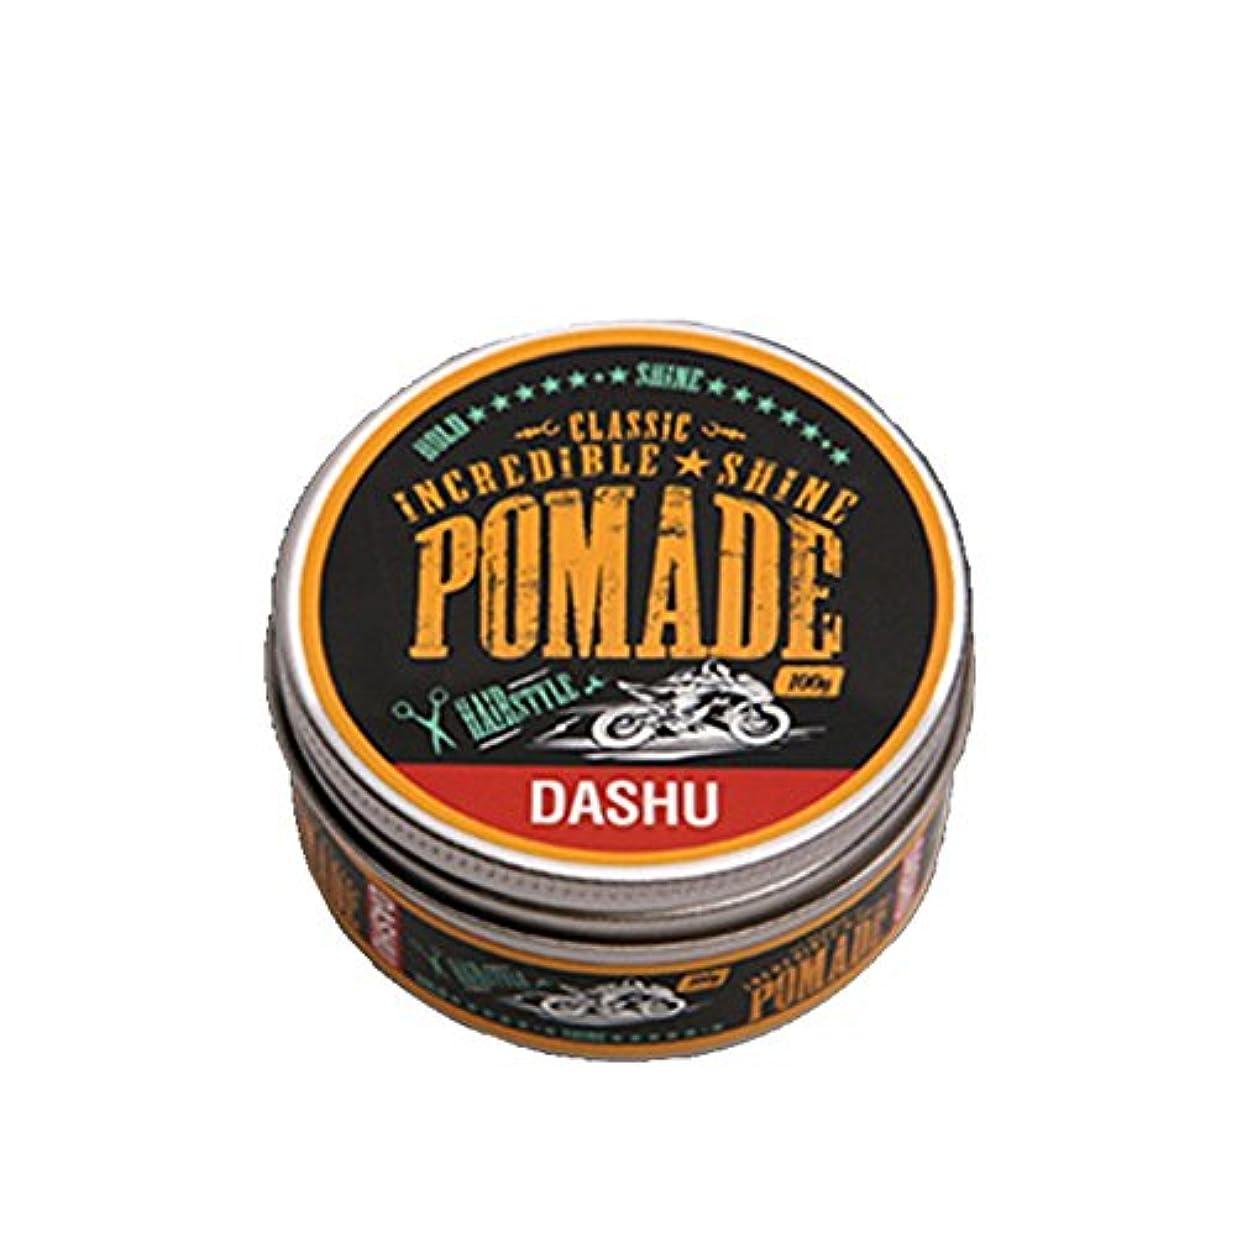 それにもかかわらず代名詞背が高い[DASHU] ダシュ クラシック 信じられないほどの輝き ポマードワックス Classic Incredible Shine Pomade Hair Wax 100ml / 韓国製 . 韓国直送品